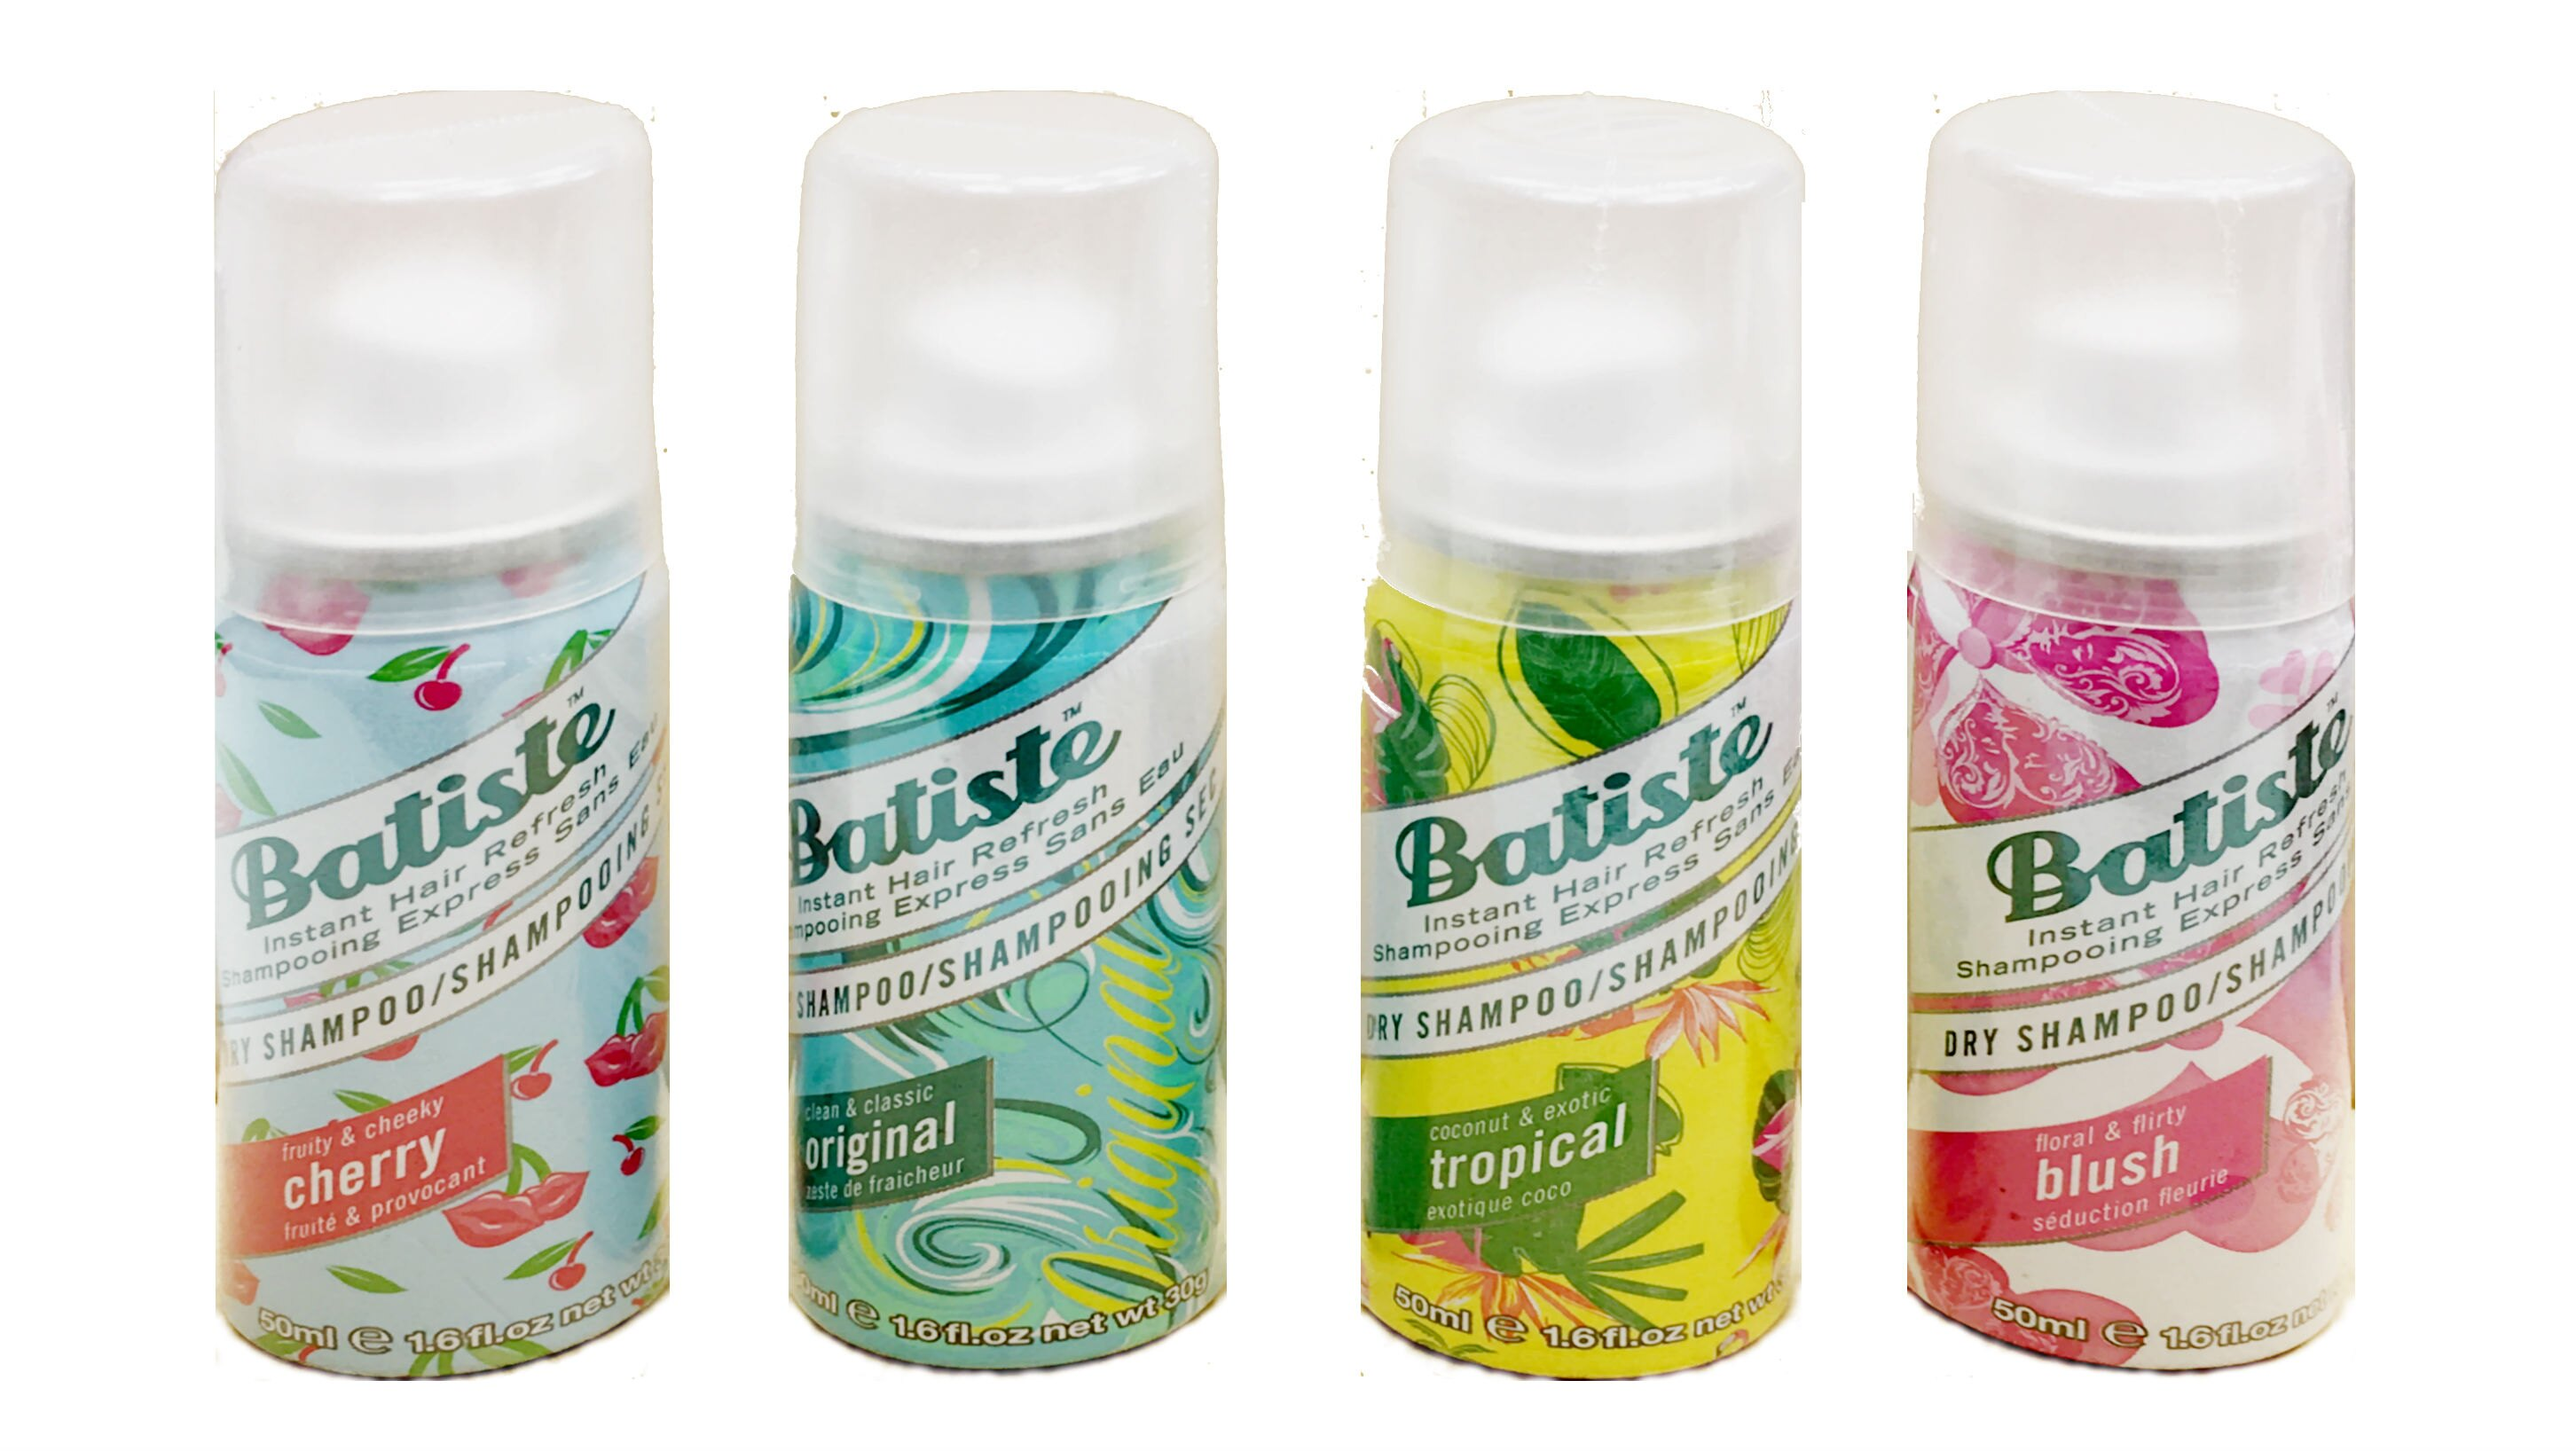 Batiste 秀髮乾洗噴劑 乾洗髮 乾洗頭 50ml  瓶◆德瑞健康家◆